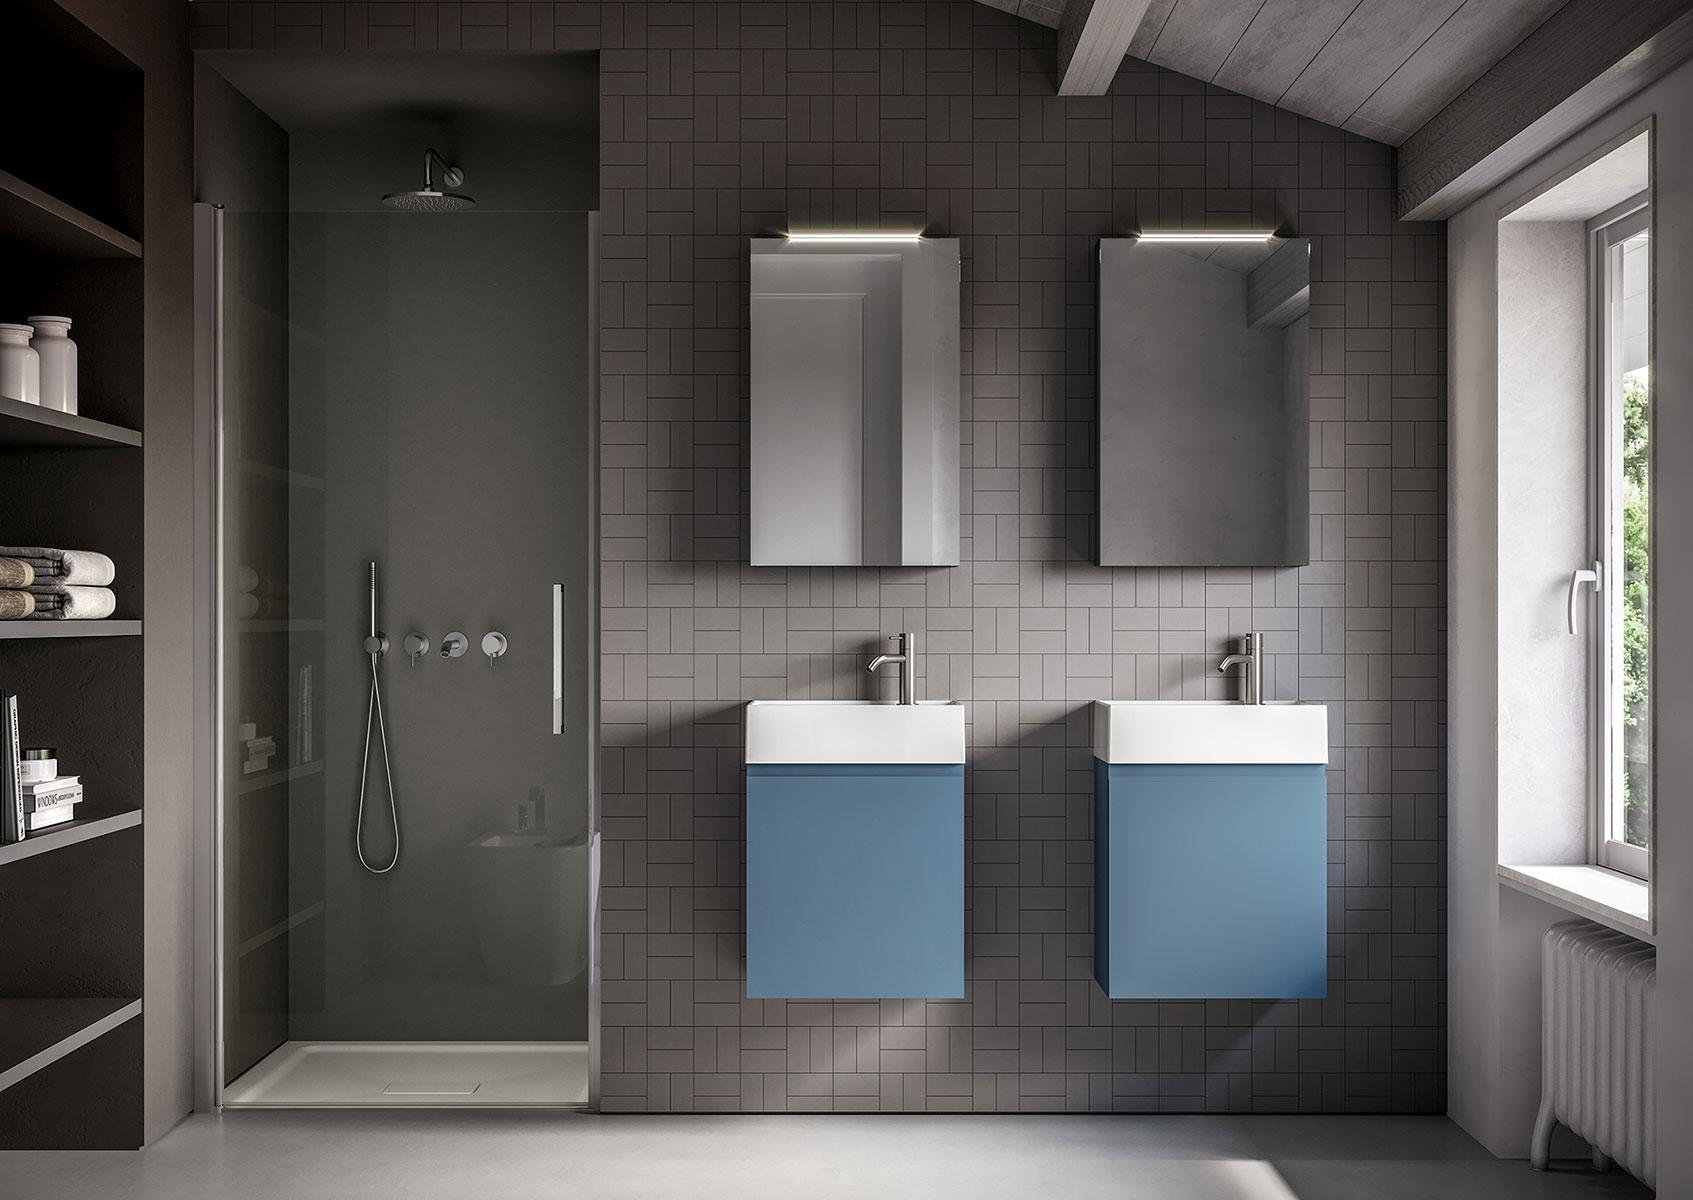 Bagno 2 X 2 una sola collezione, infiniti stili: il design versatile di